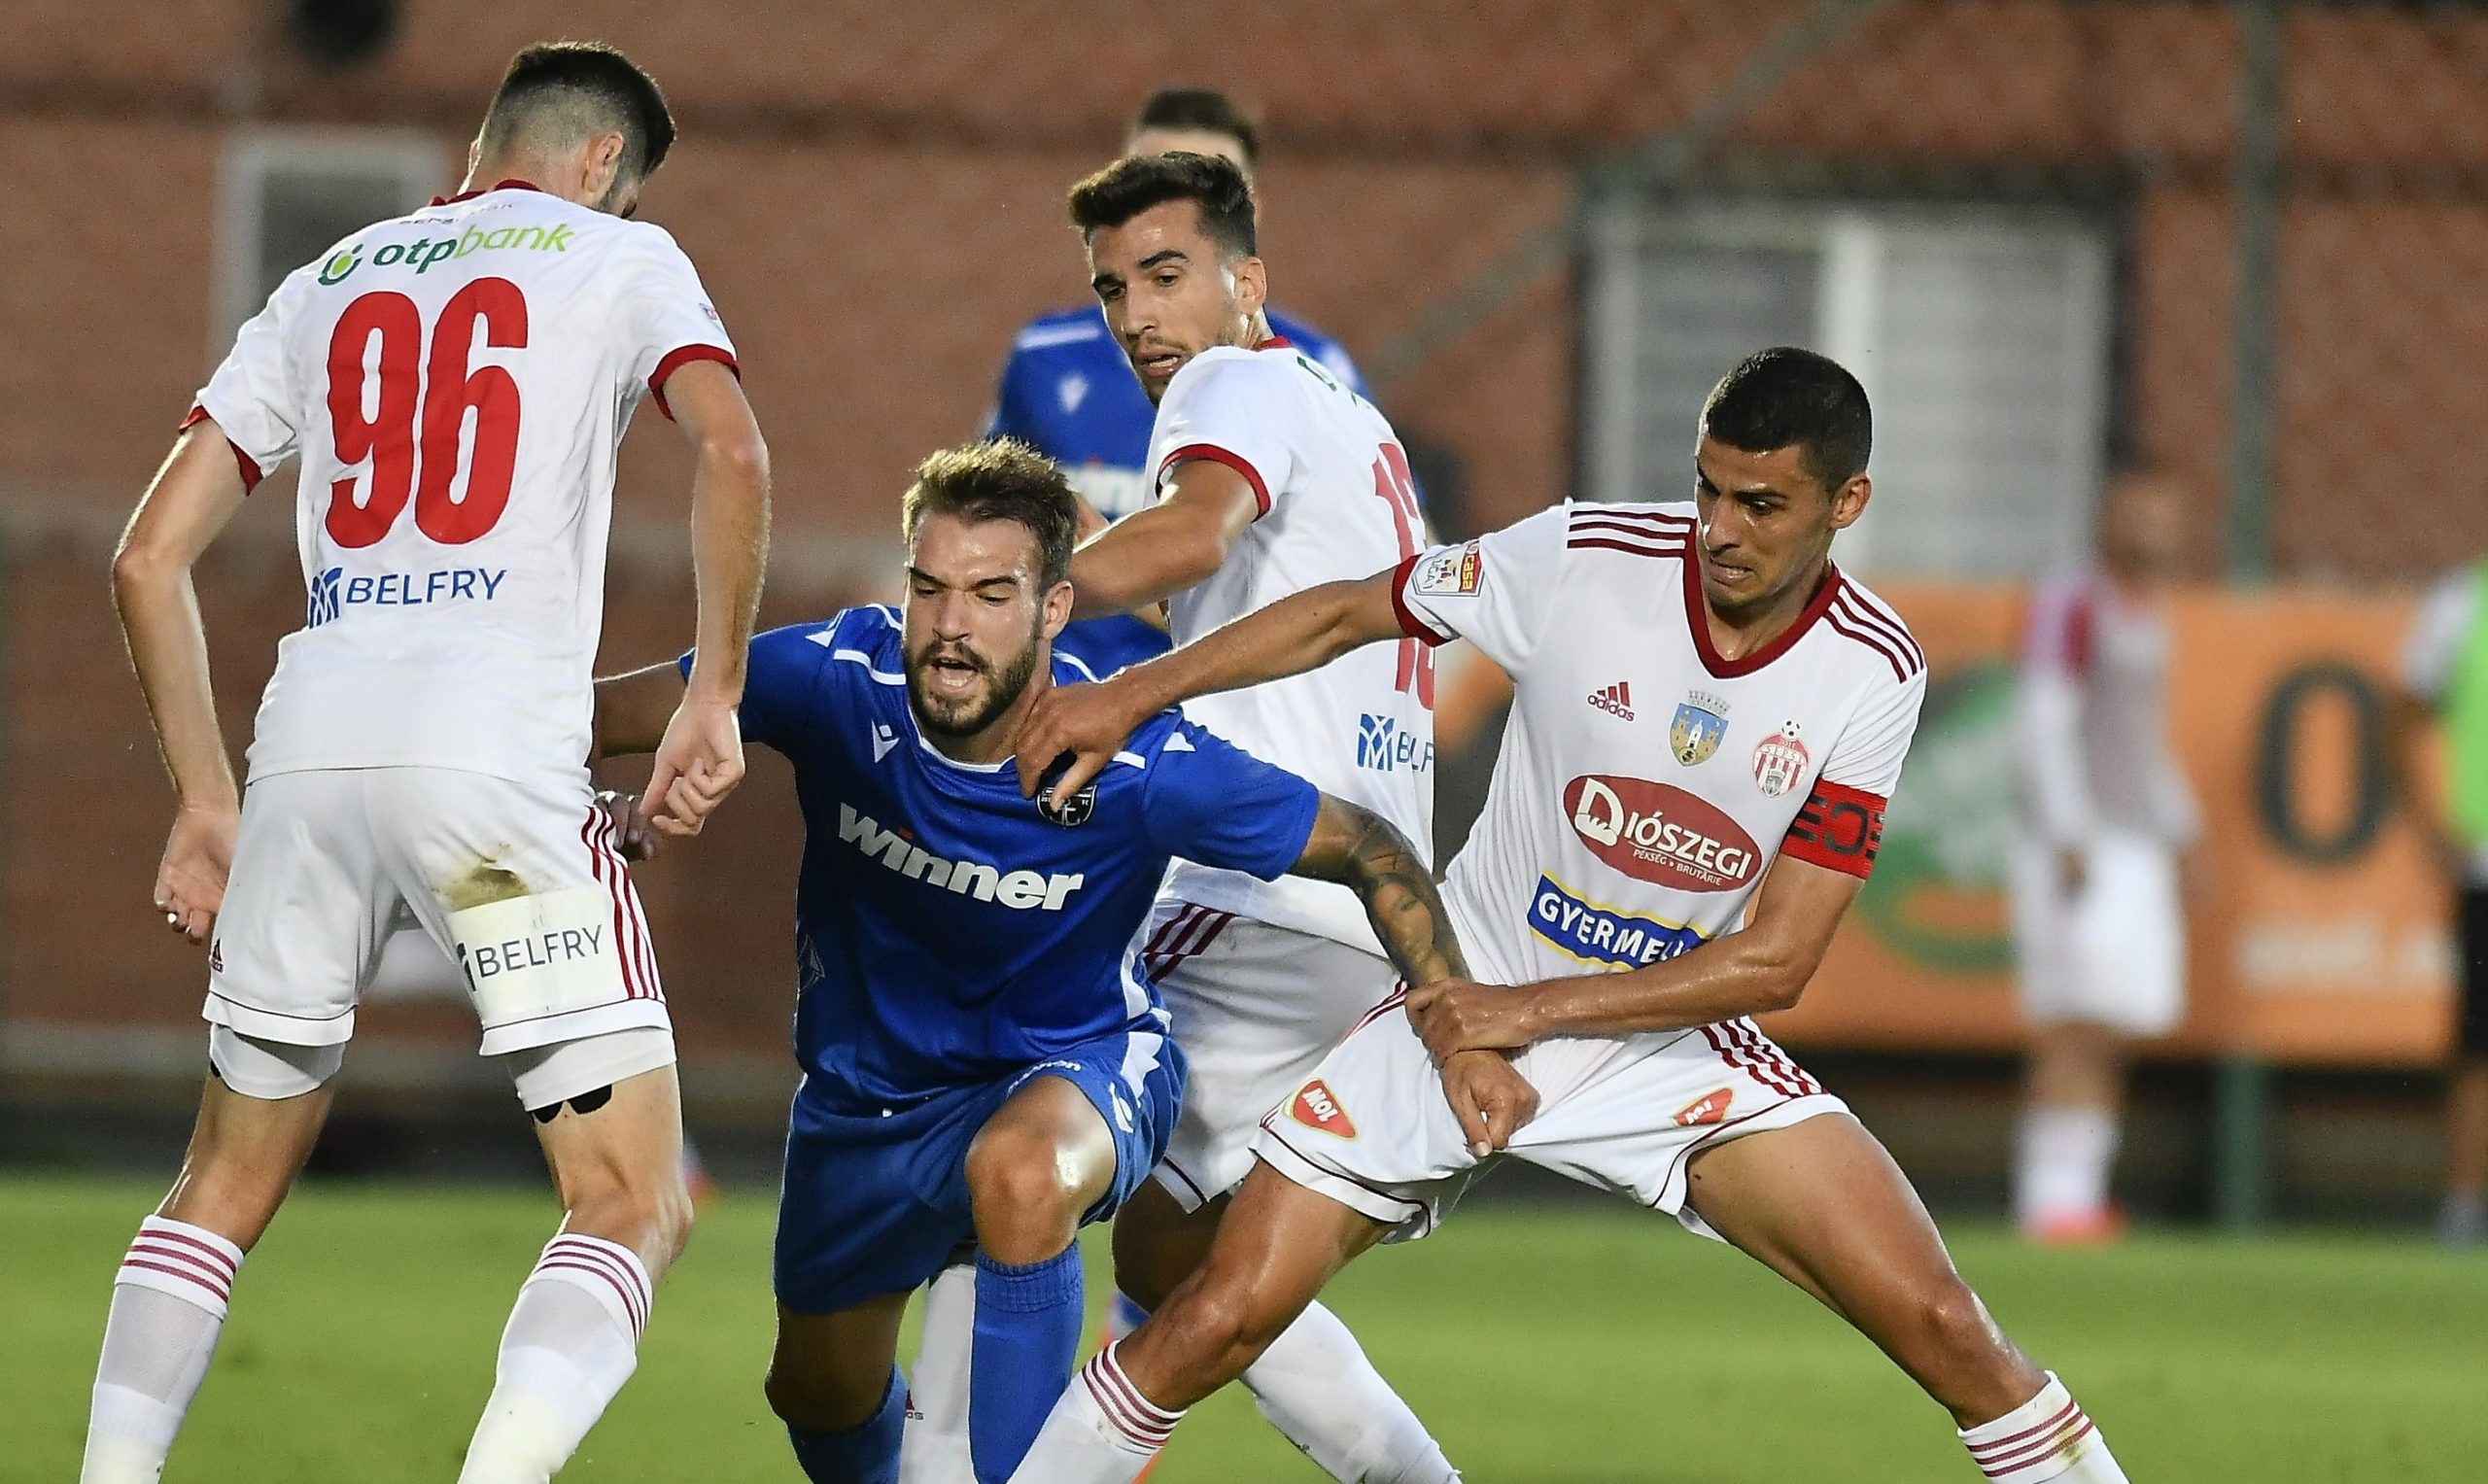 Sepsi atacă play-off-ul în sezonul viitor! Un campion cu CFR şi un fost jucător al FCSB-ului vin la Sfântu Gheorghe